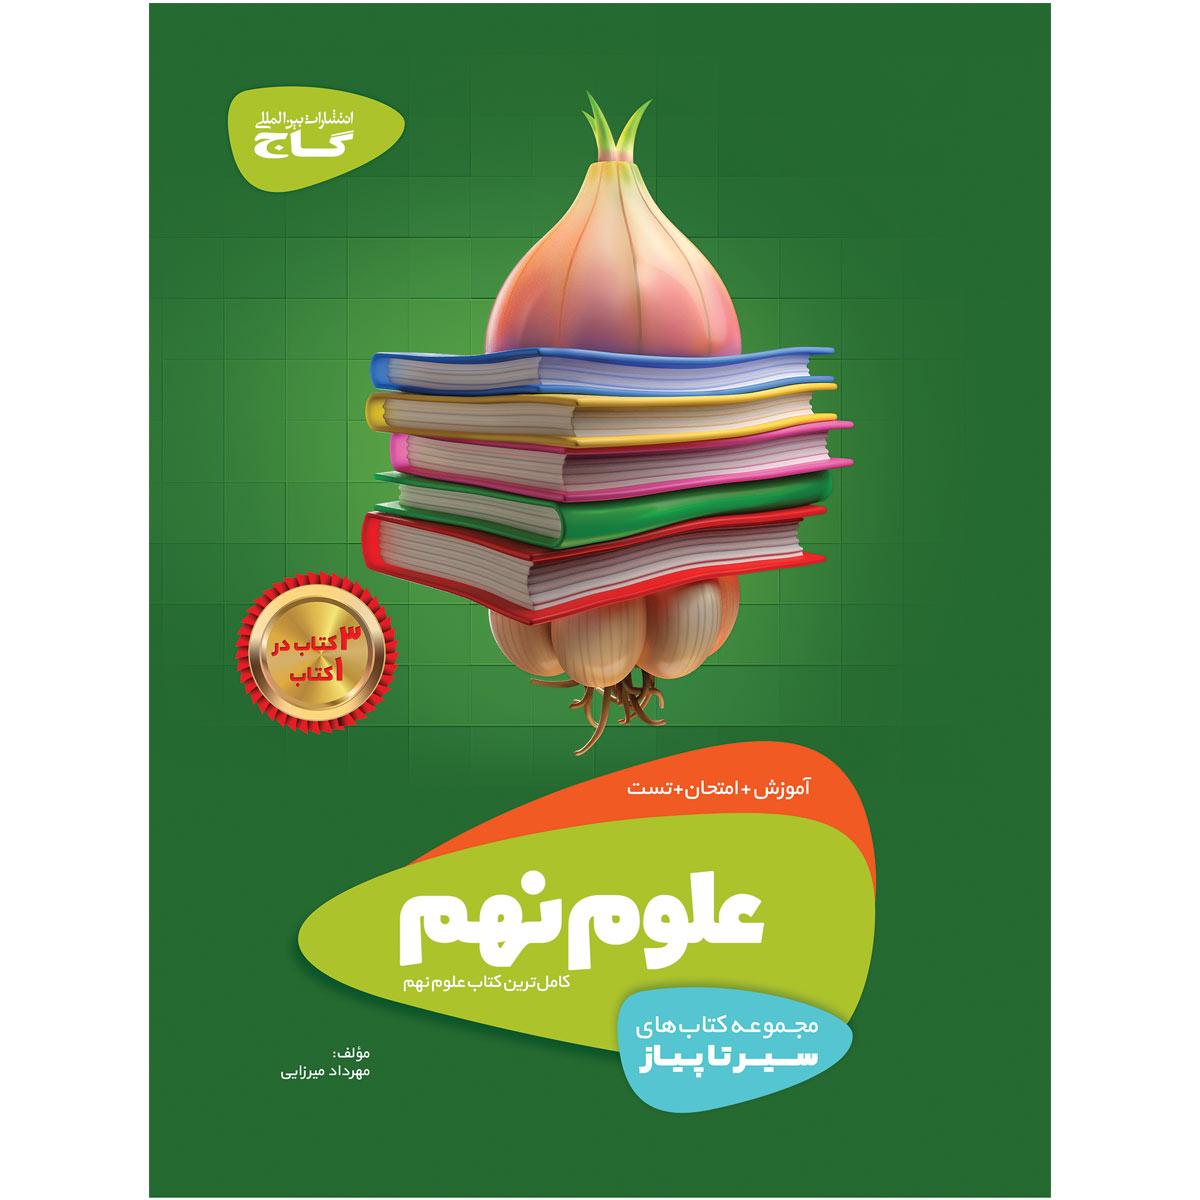 کتاب علوم نهم سری سیر تا پیاز اثر مهرداد میرزایی انتشارات بین المللی گاج